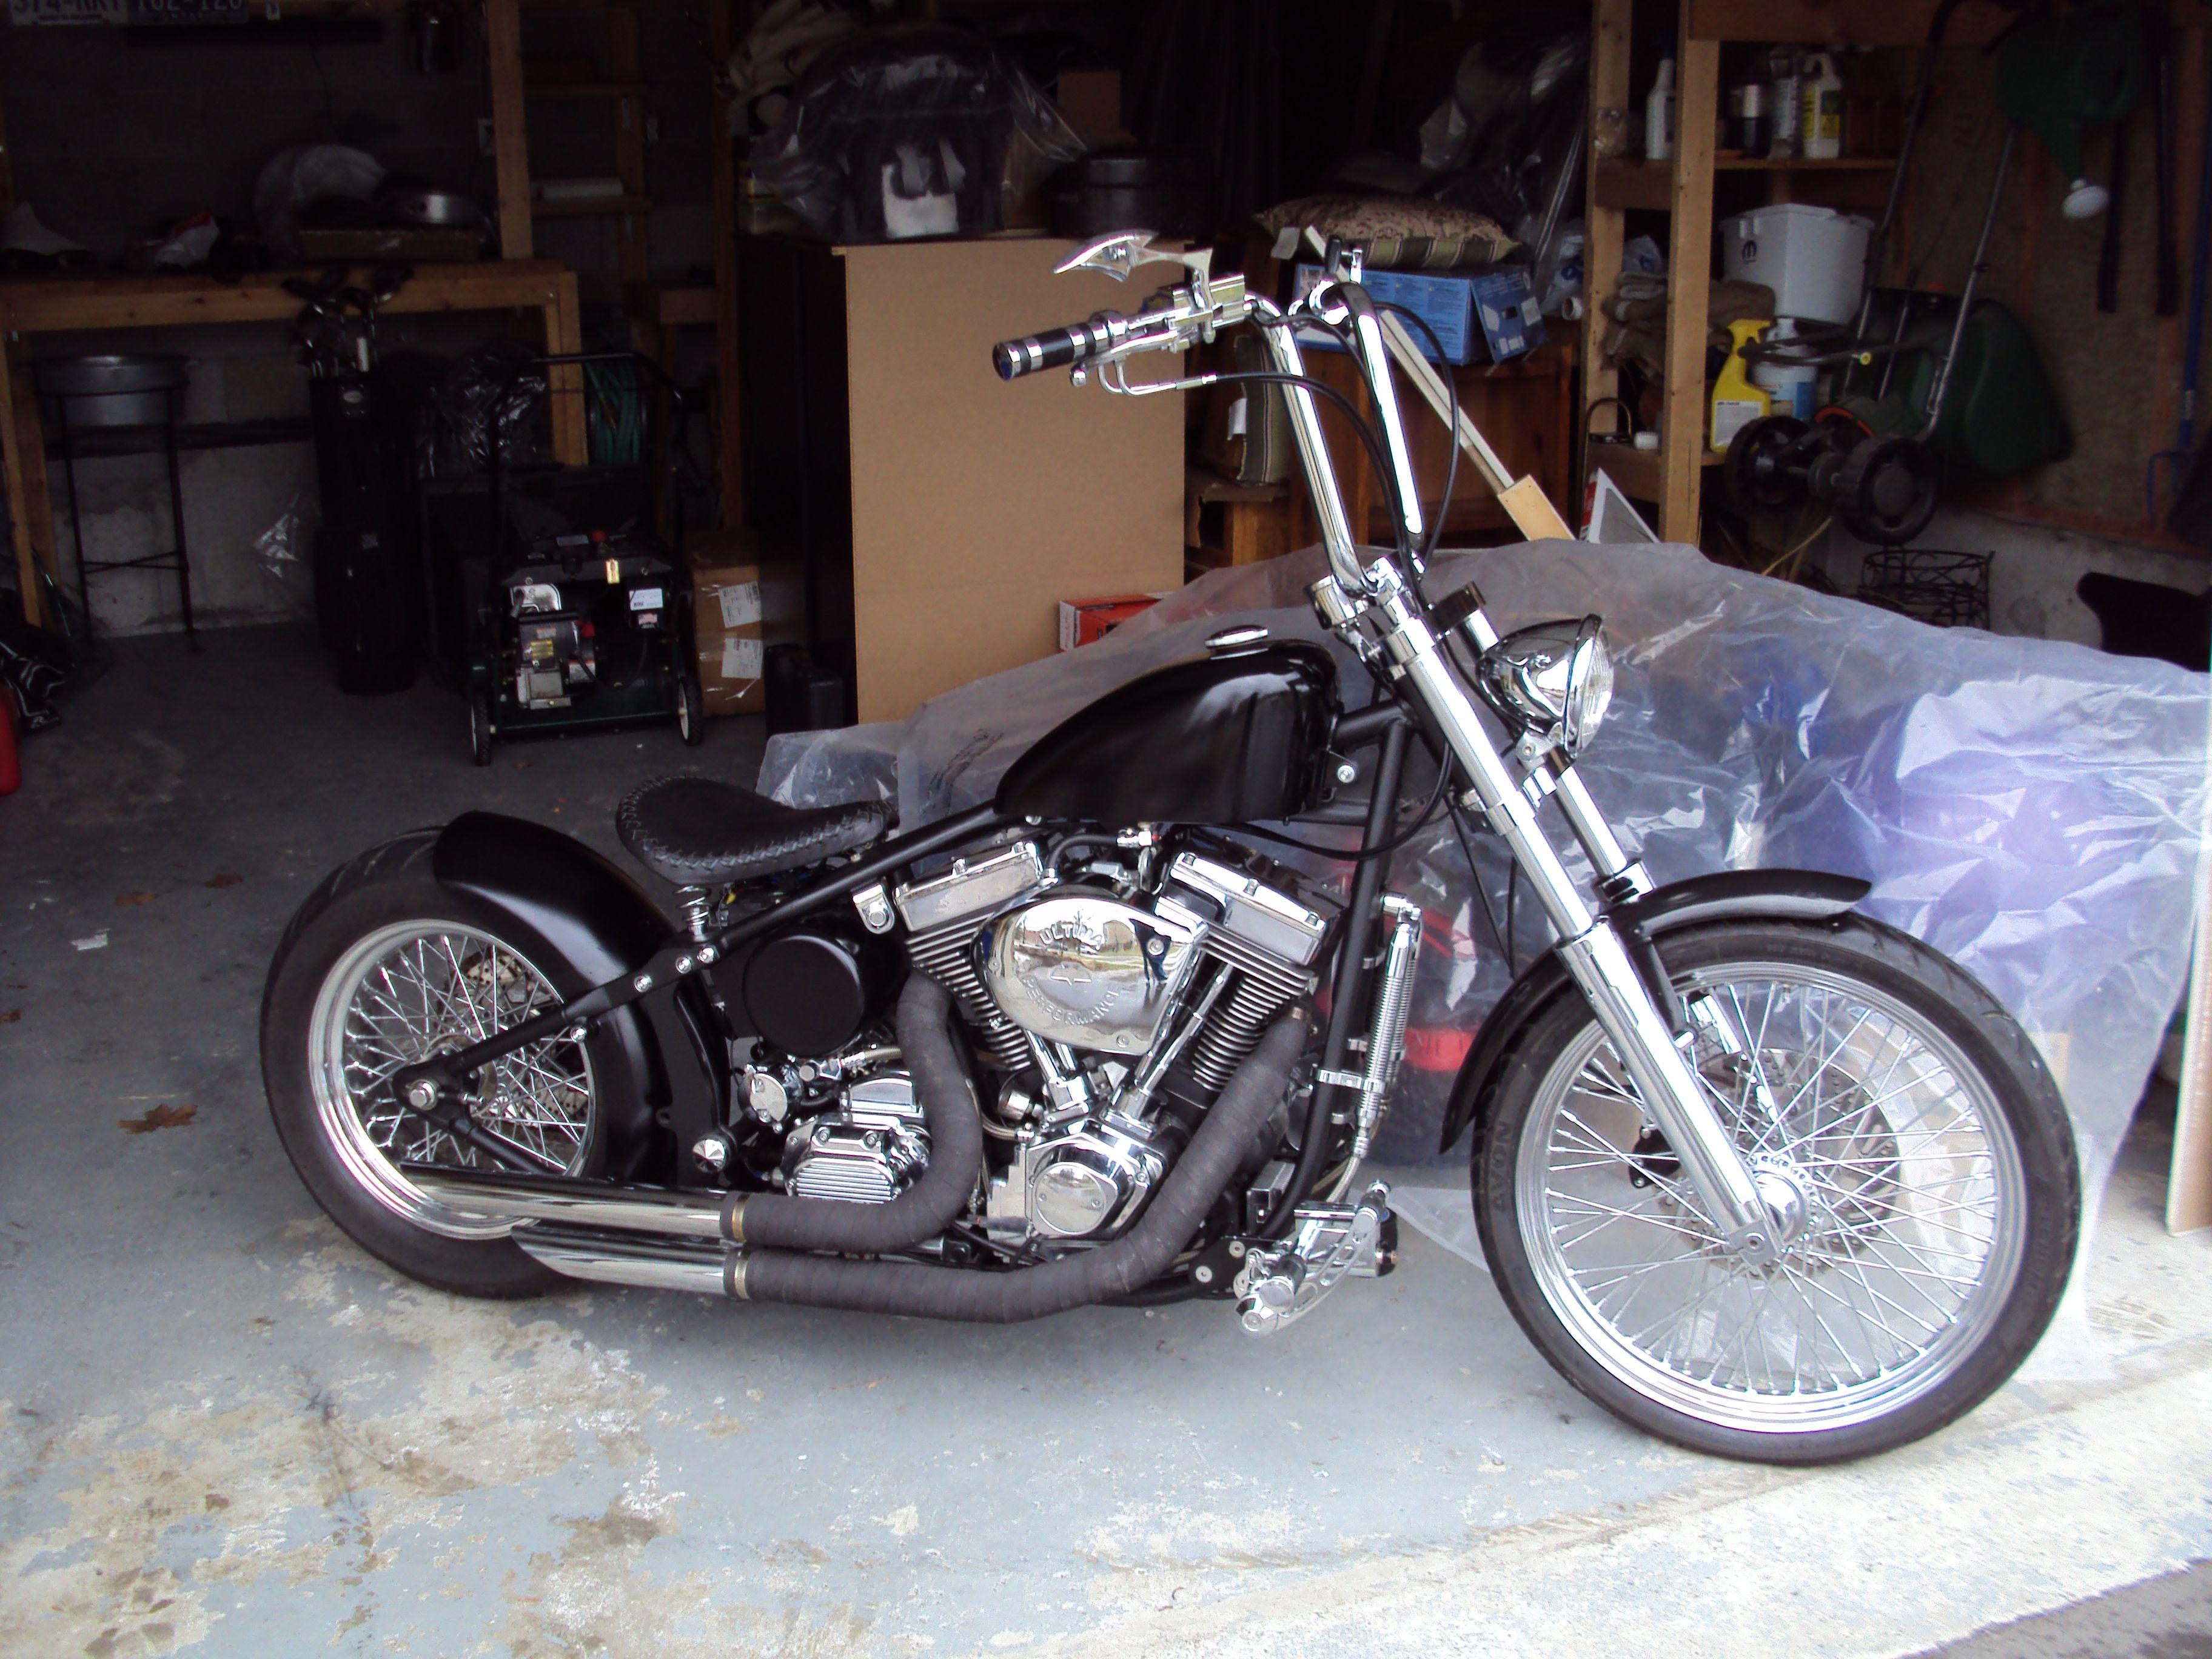 Kawasaki Vulcan 1500 Bobber Kit For Kawasaki Vulcan 1500